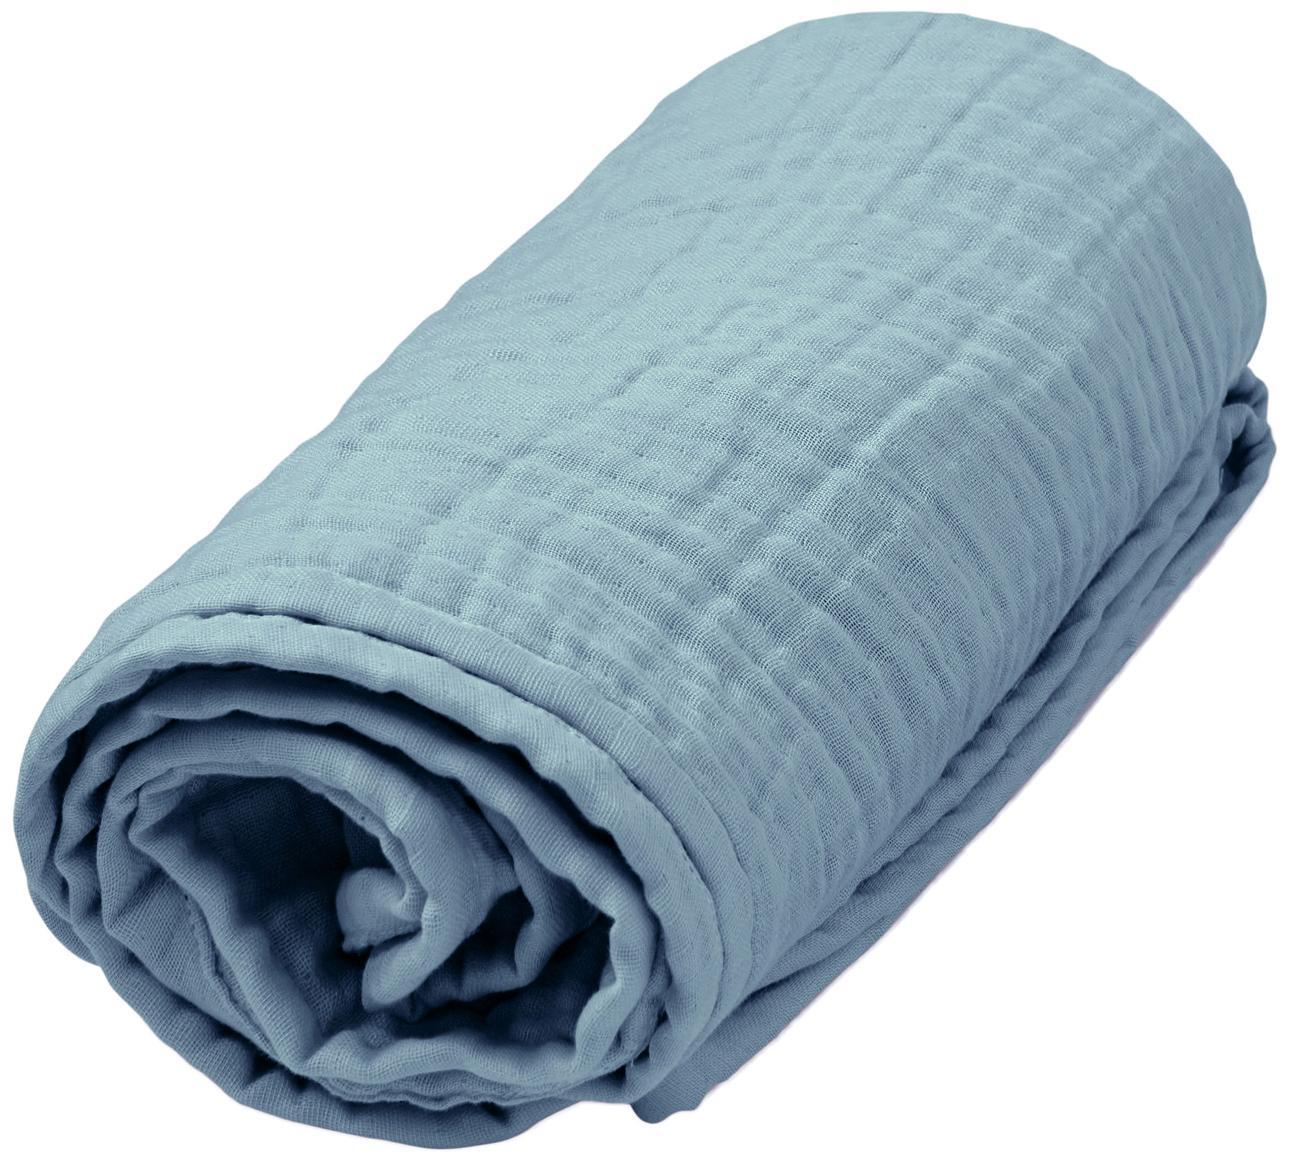 Musselin-Plaid Sensitive aus Bio-Baumwolle, Bio-Baumwolle, GOTS-zertifiziert, Blau, 100 x 100 cm